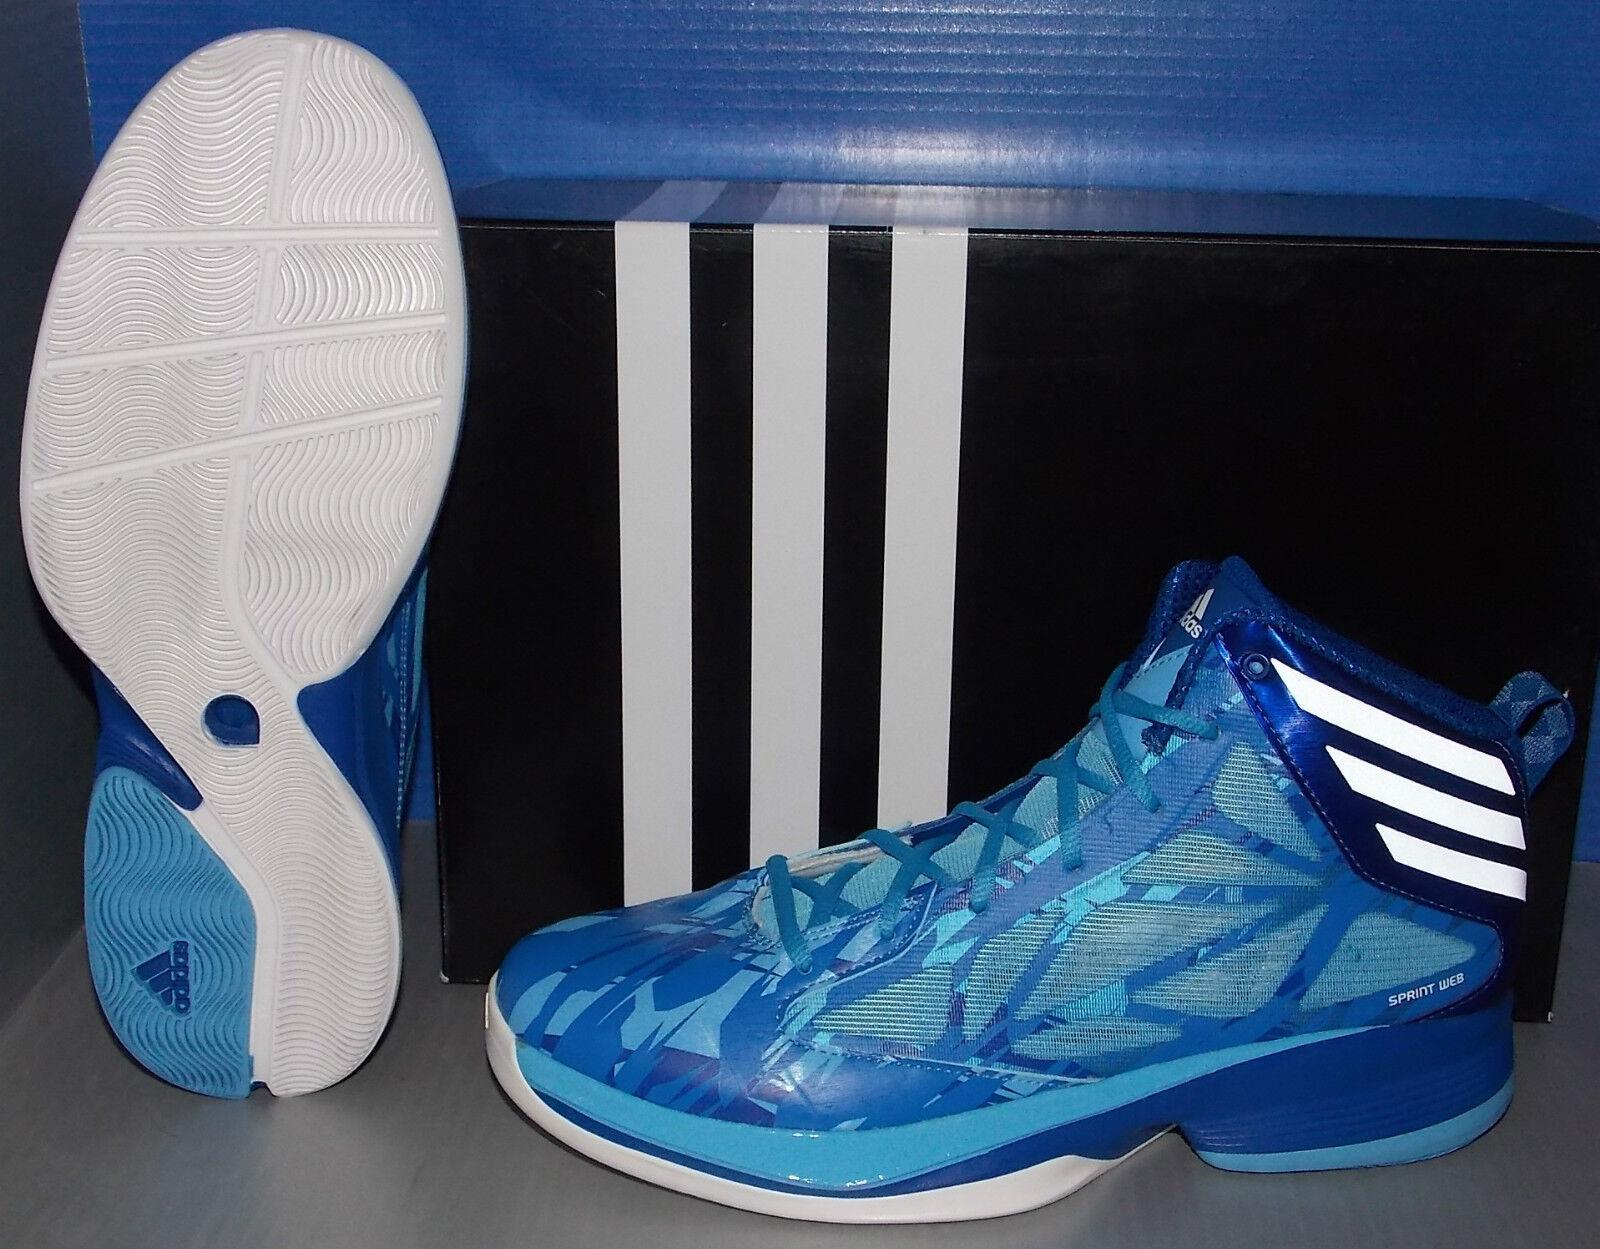 finest selection 3a36f 07f47 ... Uomo   adidas velocissimo a colori blu   bianco   Uomo royal in  dimensioni 10, ...